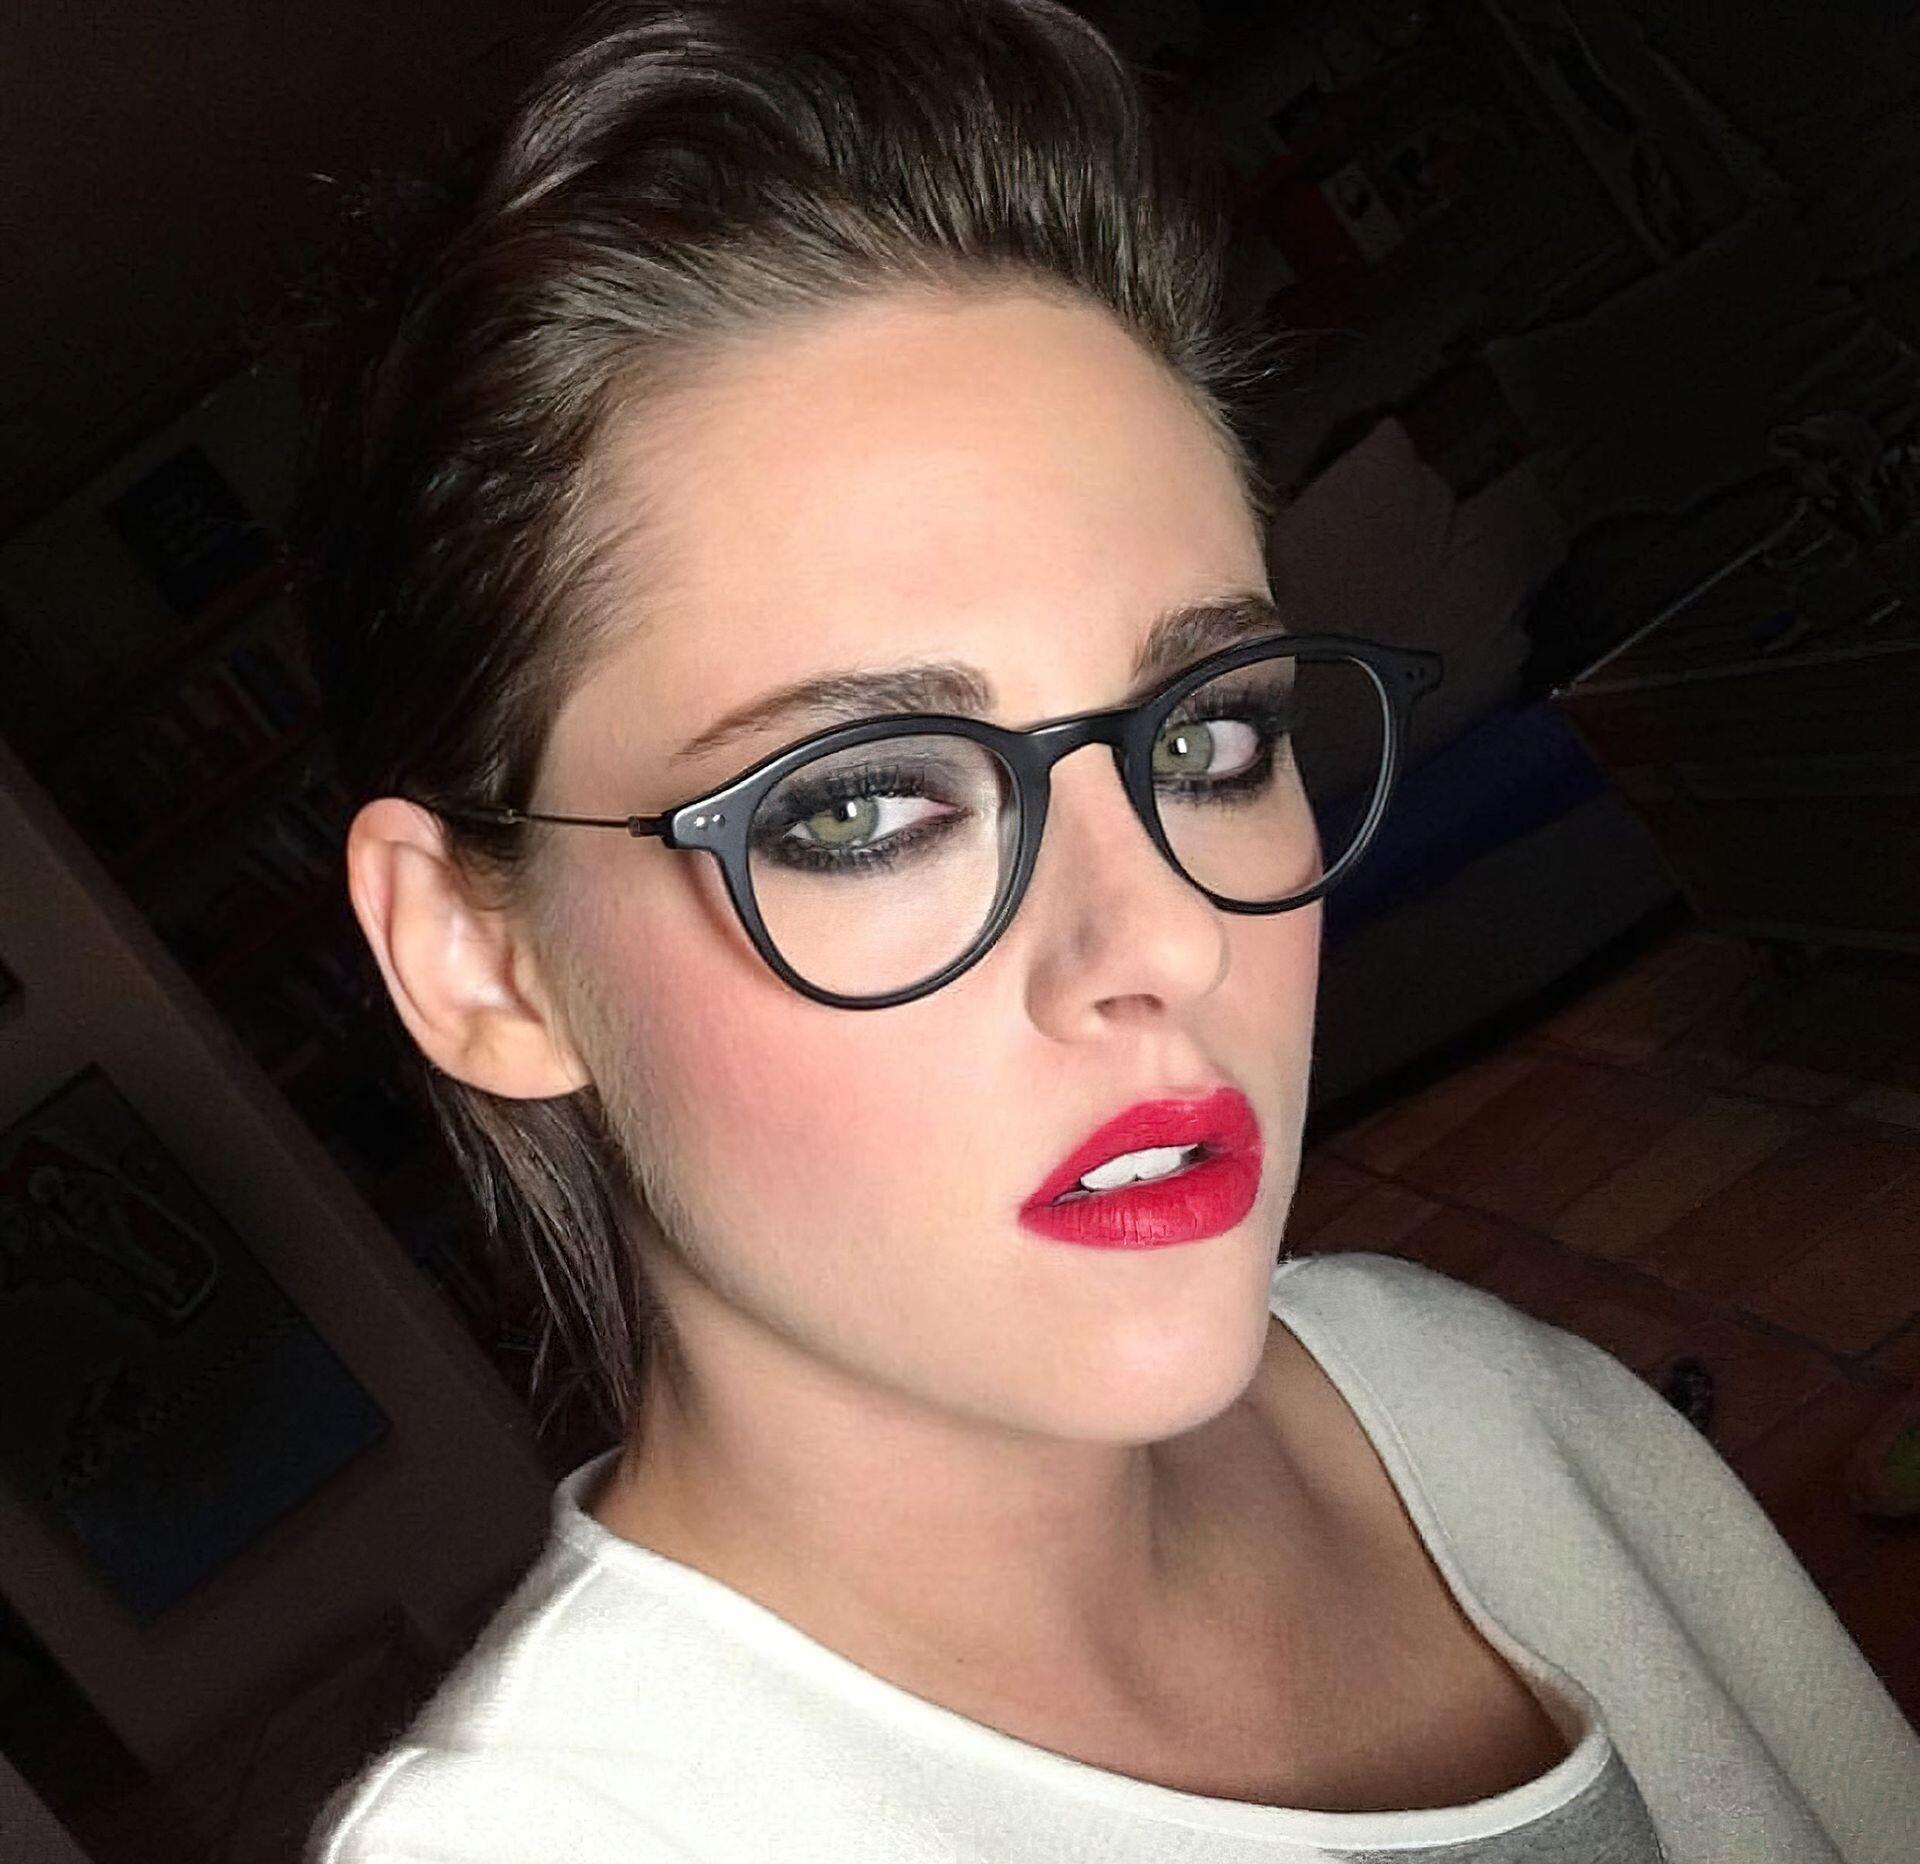 Kristen Stewart Nude Leaked 33 fappenings.com